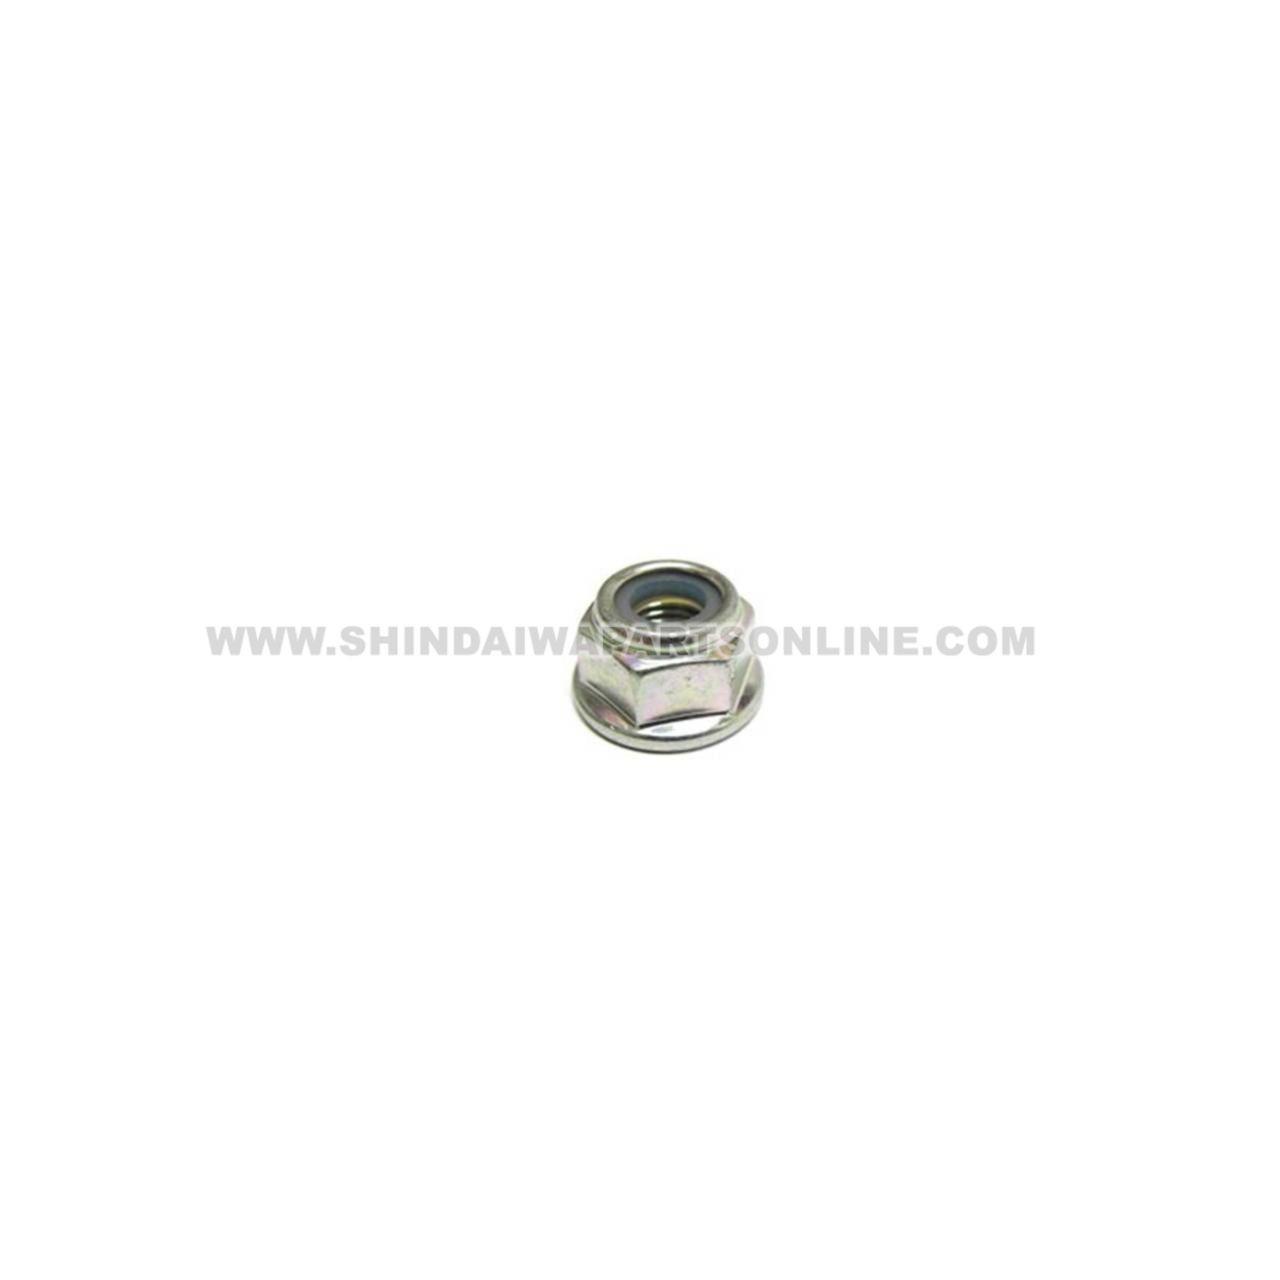 Shindaiwa 61032052130 - Nylon Insert Lock Nut - Image 1